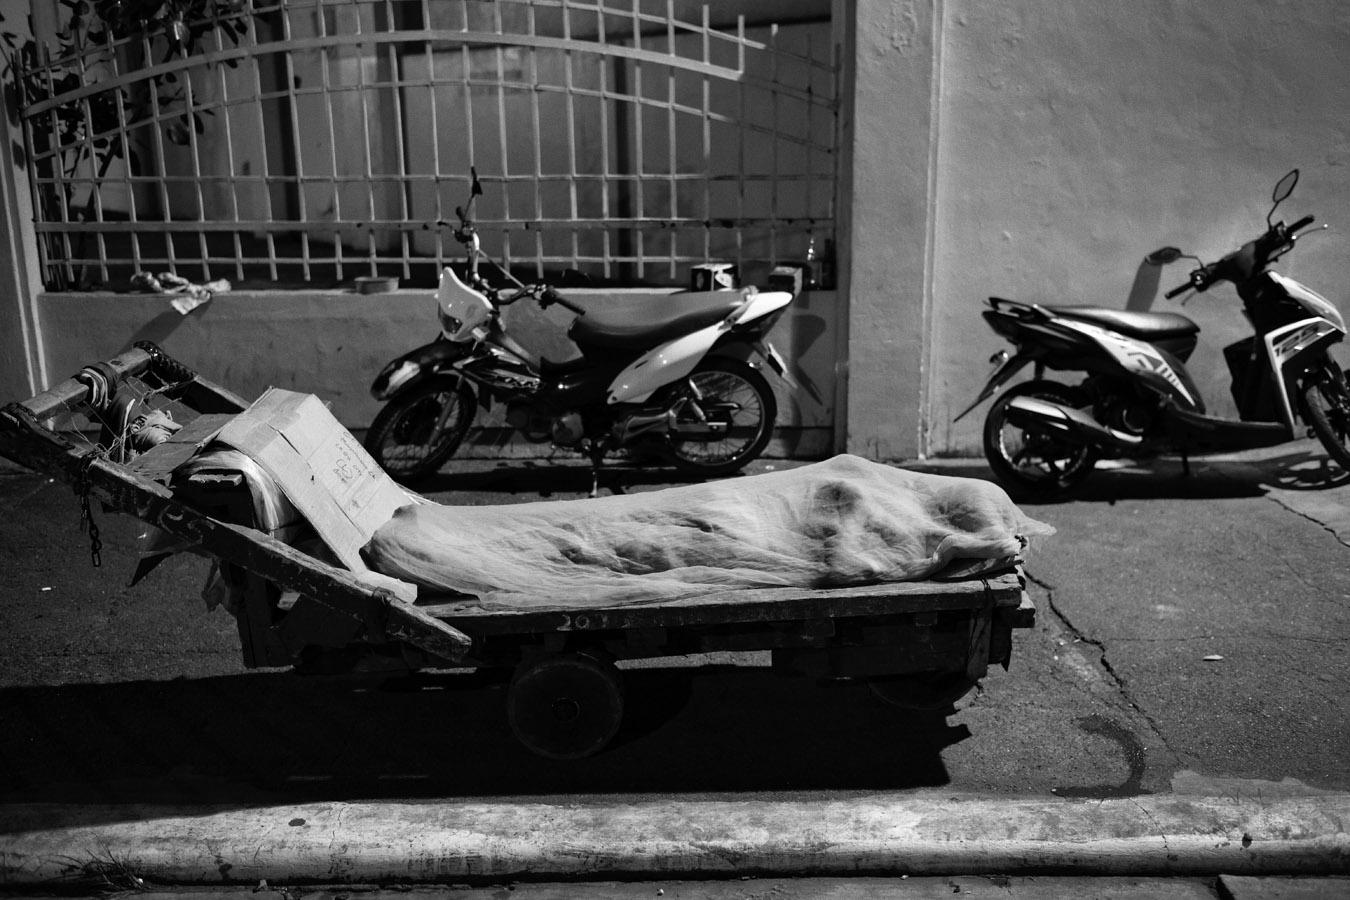 Cebu_by_night_Delettre_Cyril11.jpg